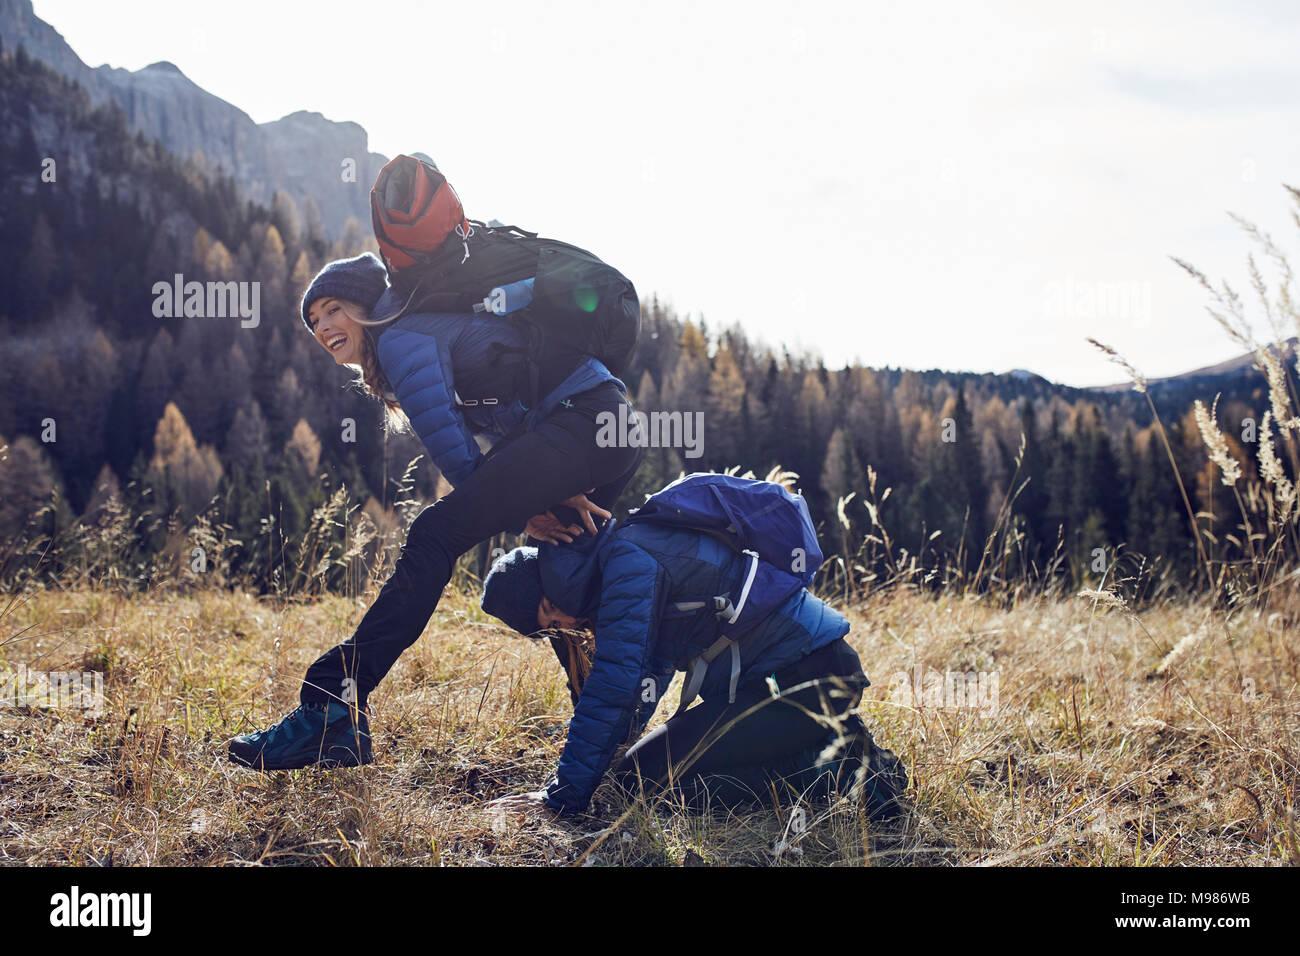 Dos mujeres jóvenes juguetona senderismo en las montañas Imagen De Stock